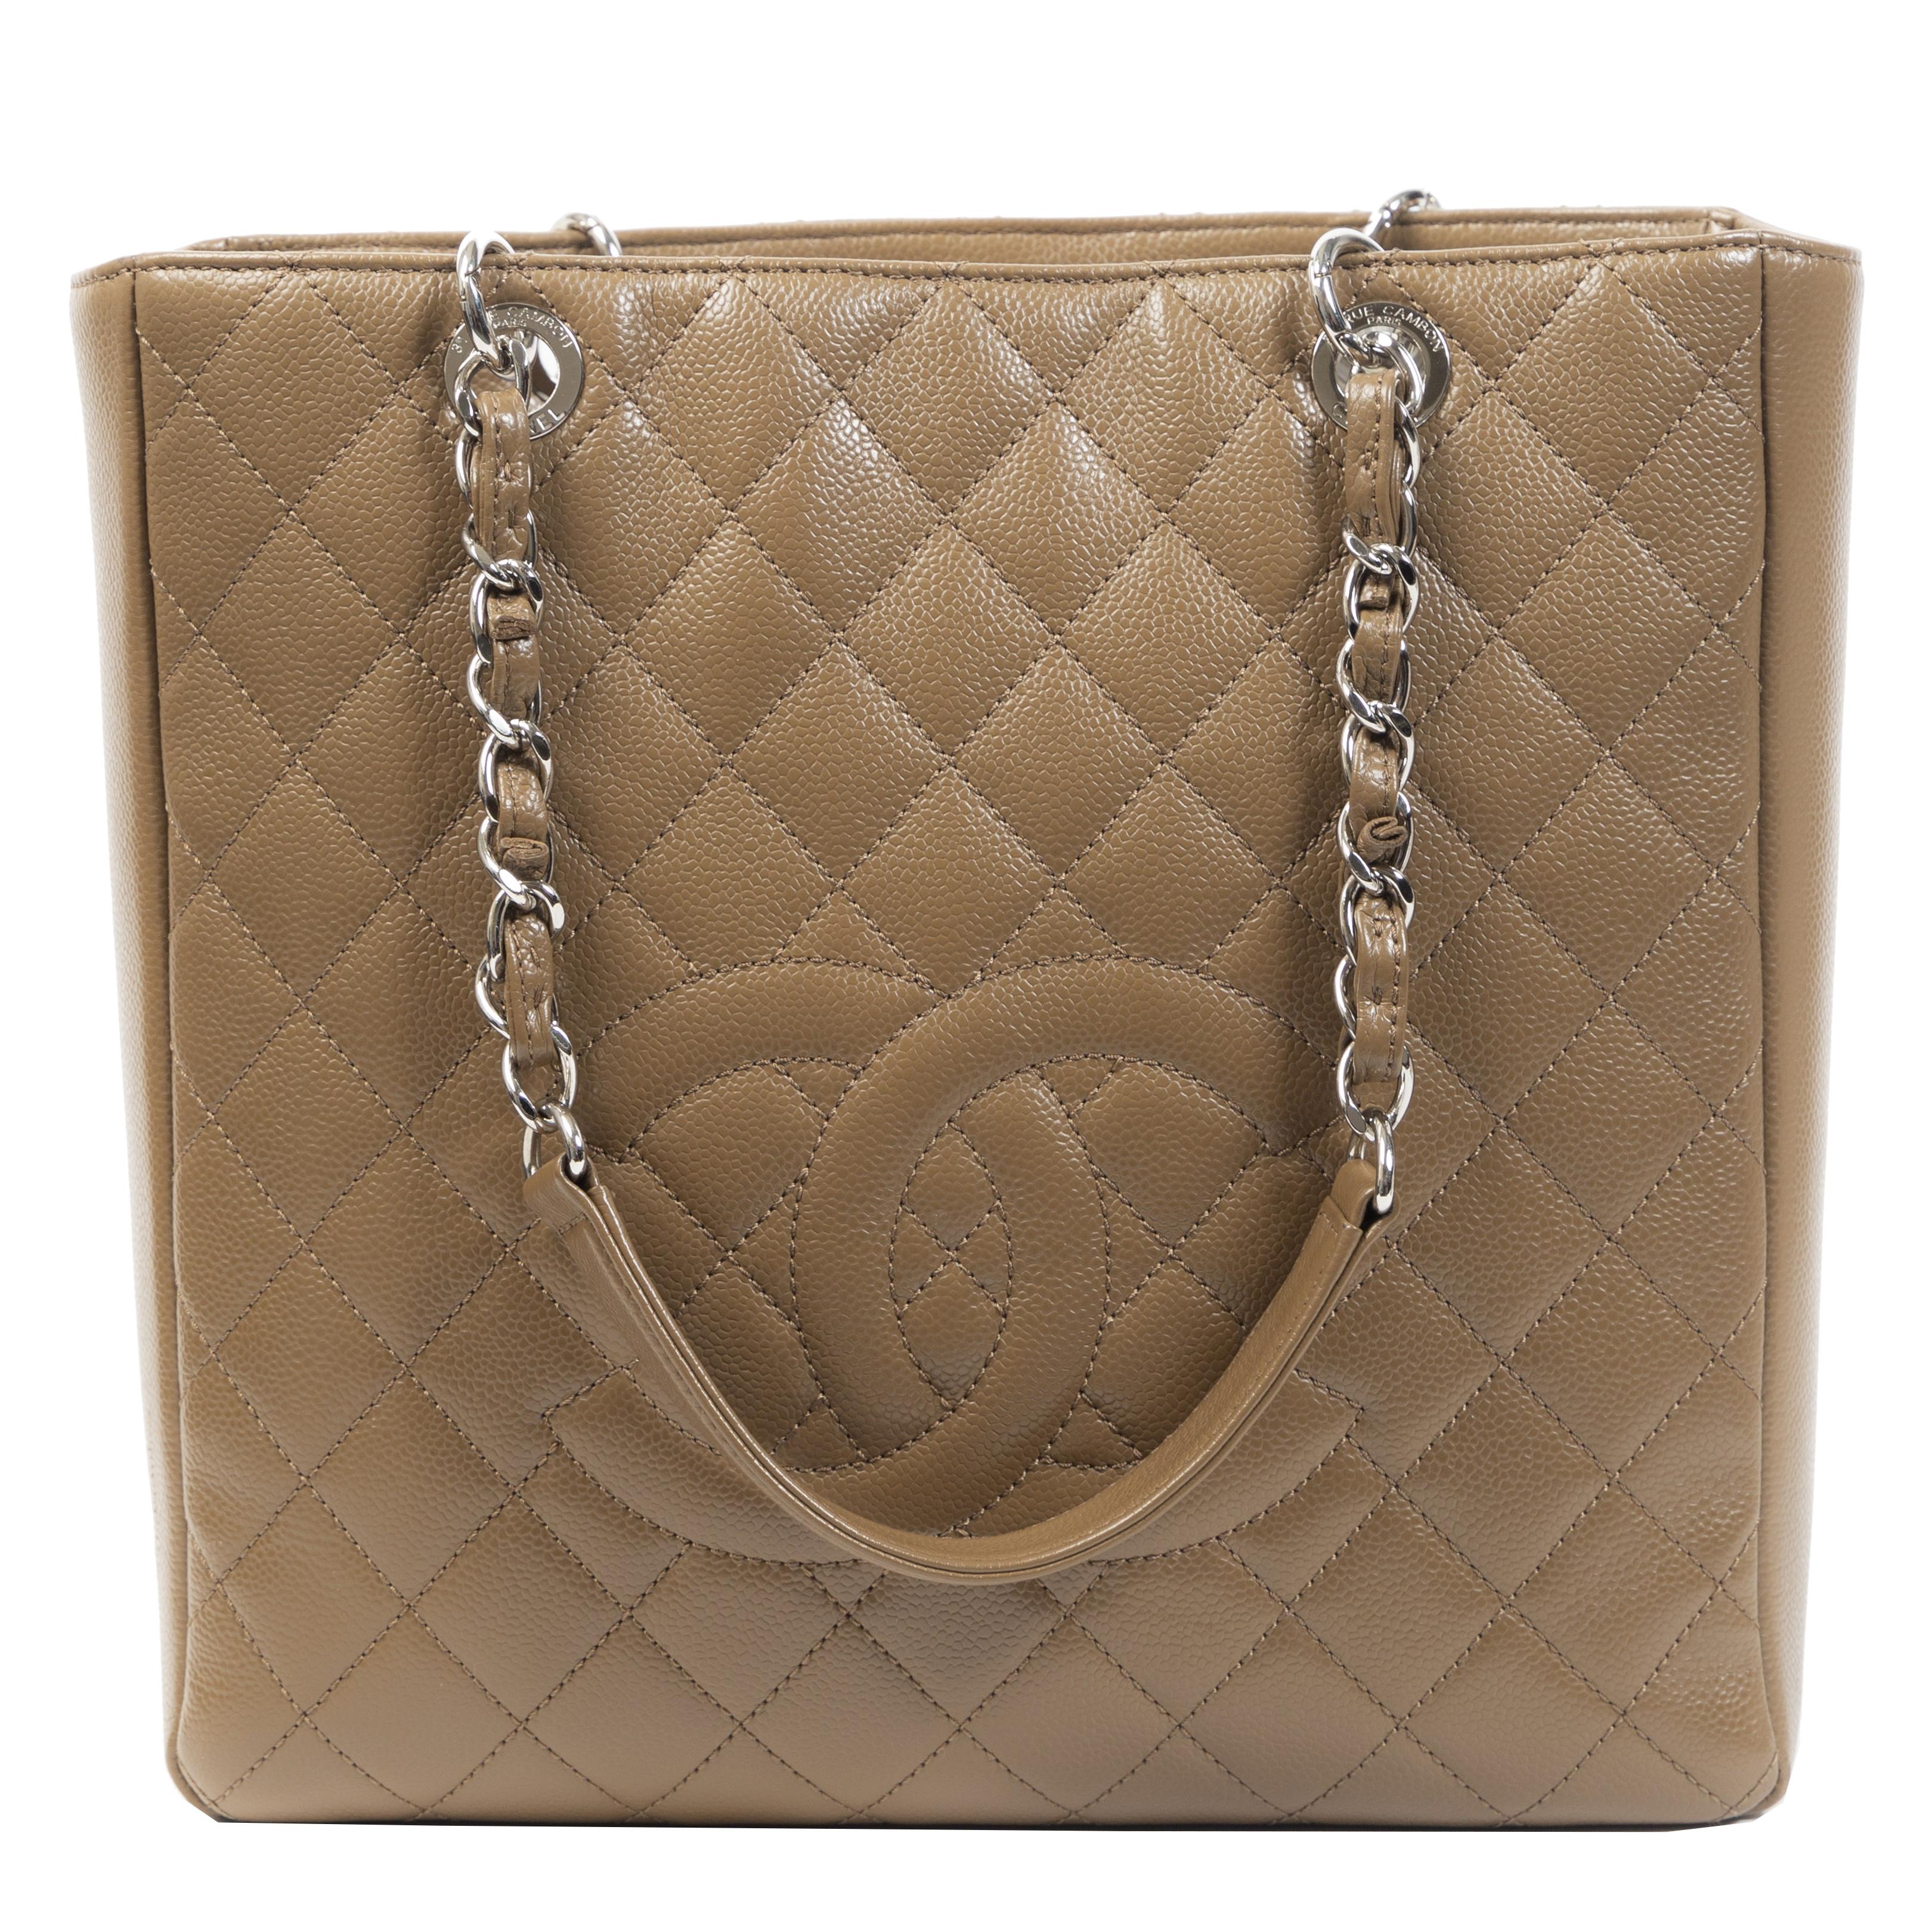 Authentieke Tweedehands Chanel Taupe Quilted Leather Grand Shopper Tote juiste prijs veilig online shoppen luxe merken webshop winkelen Antwerpen België mode fashion